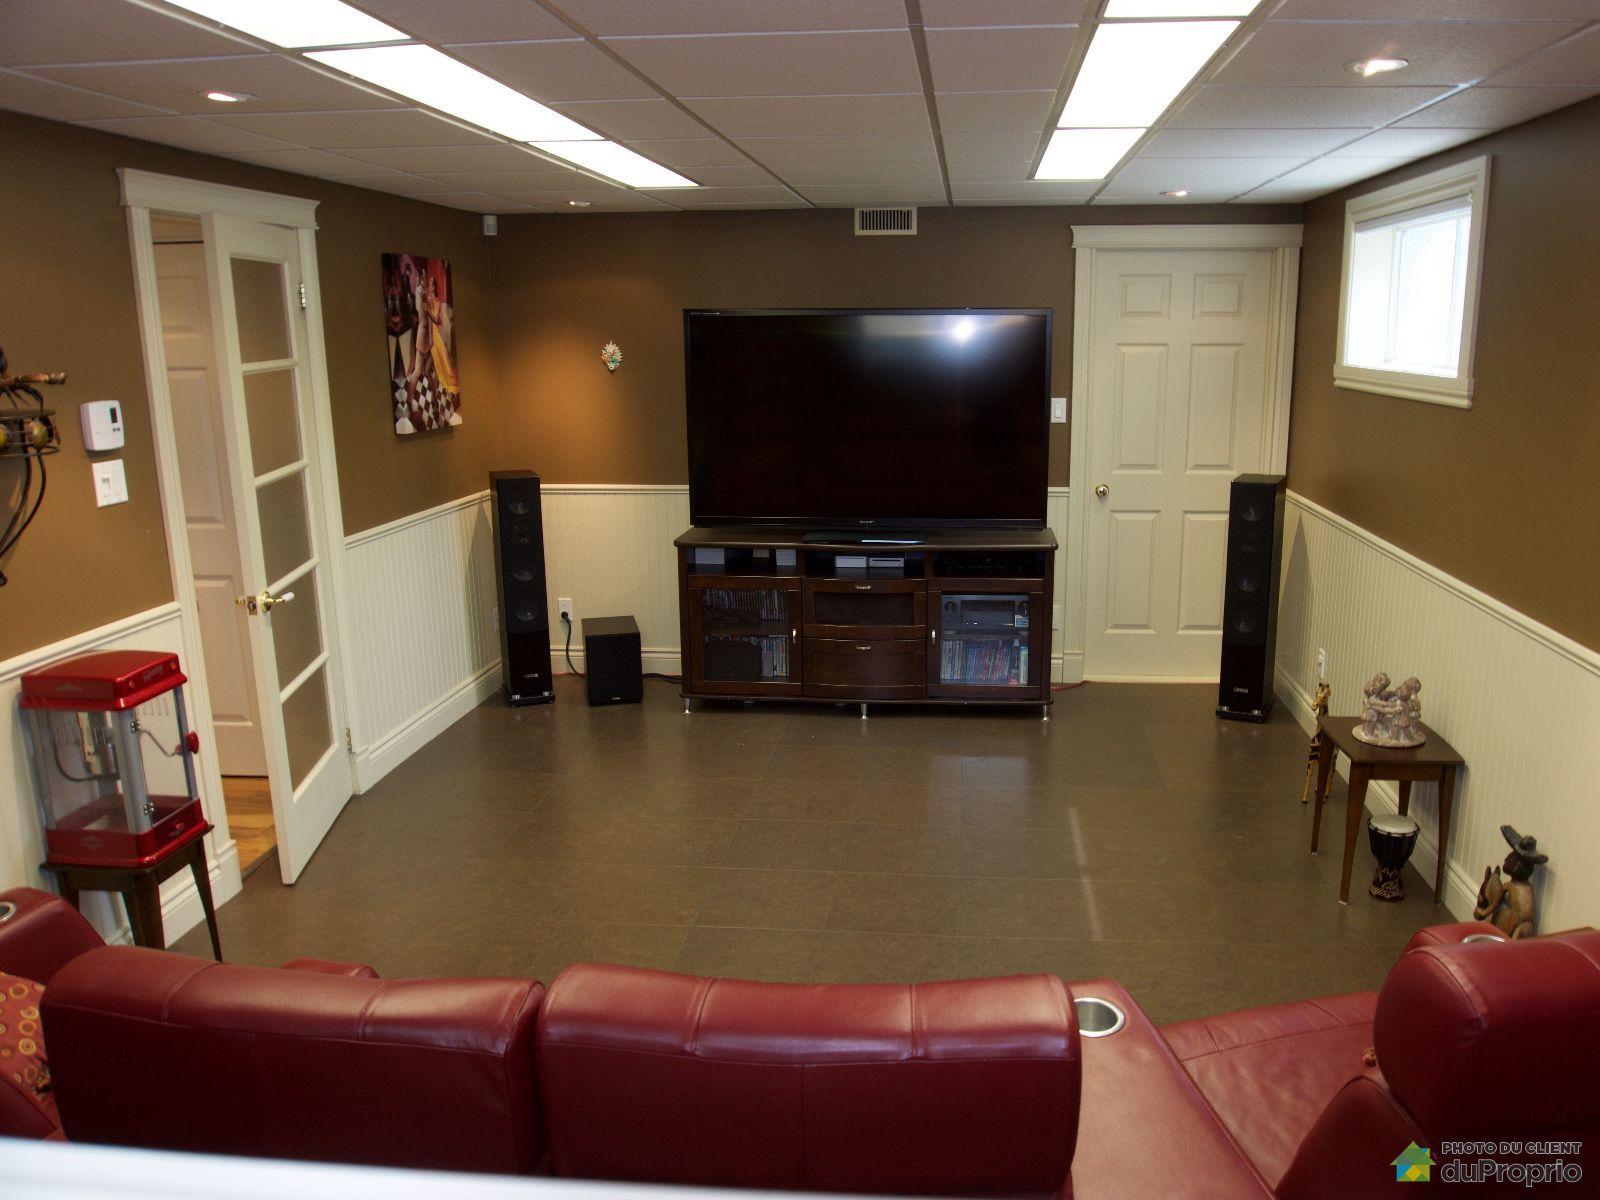 cinema maison maison a un etage et demi a vendre baie comeau quebec province 1600 6060478 19 Luxe Demi Armoire Cuisine Hiw6